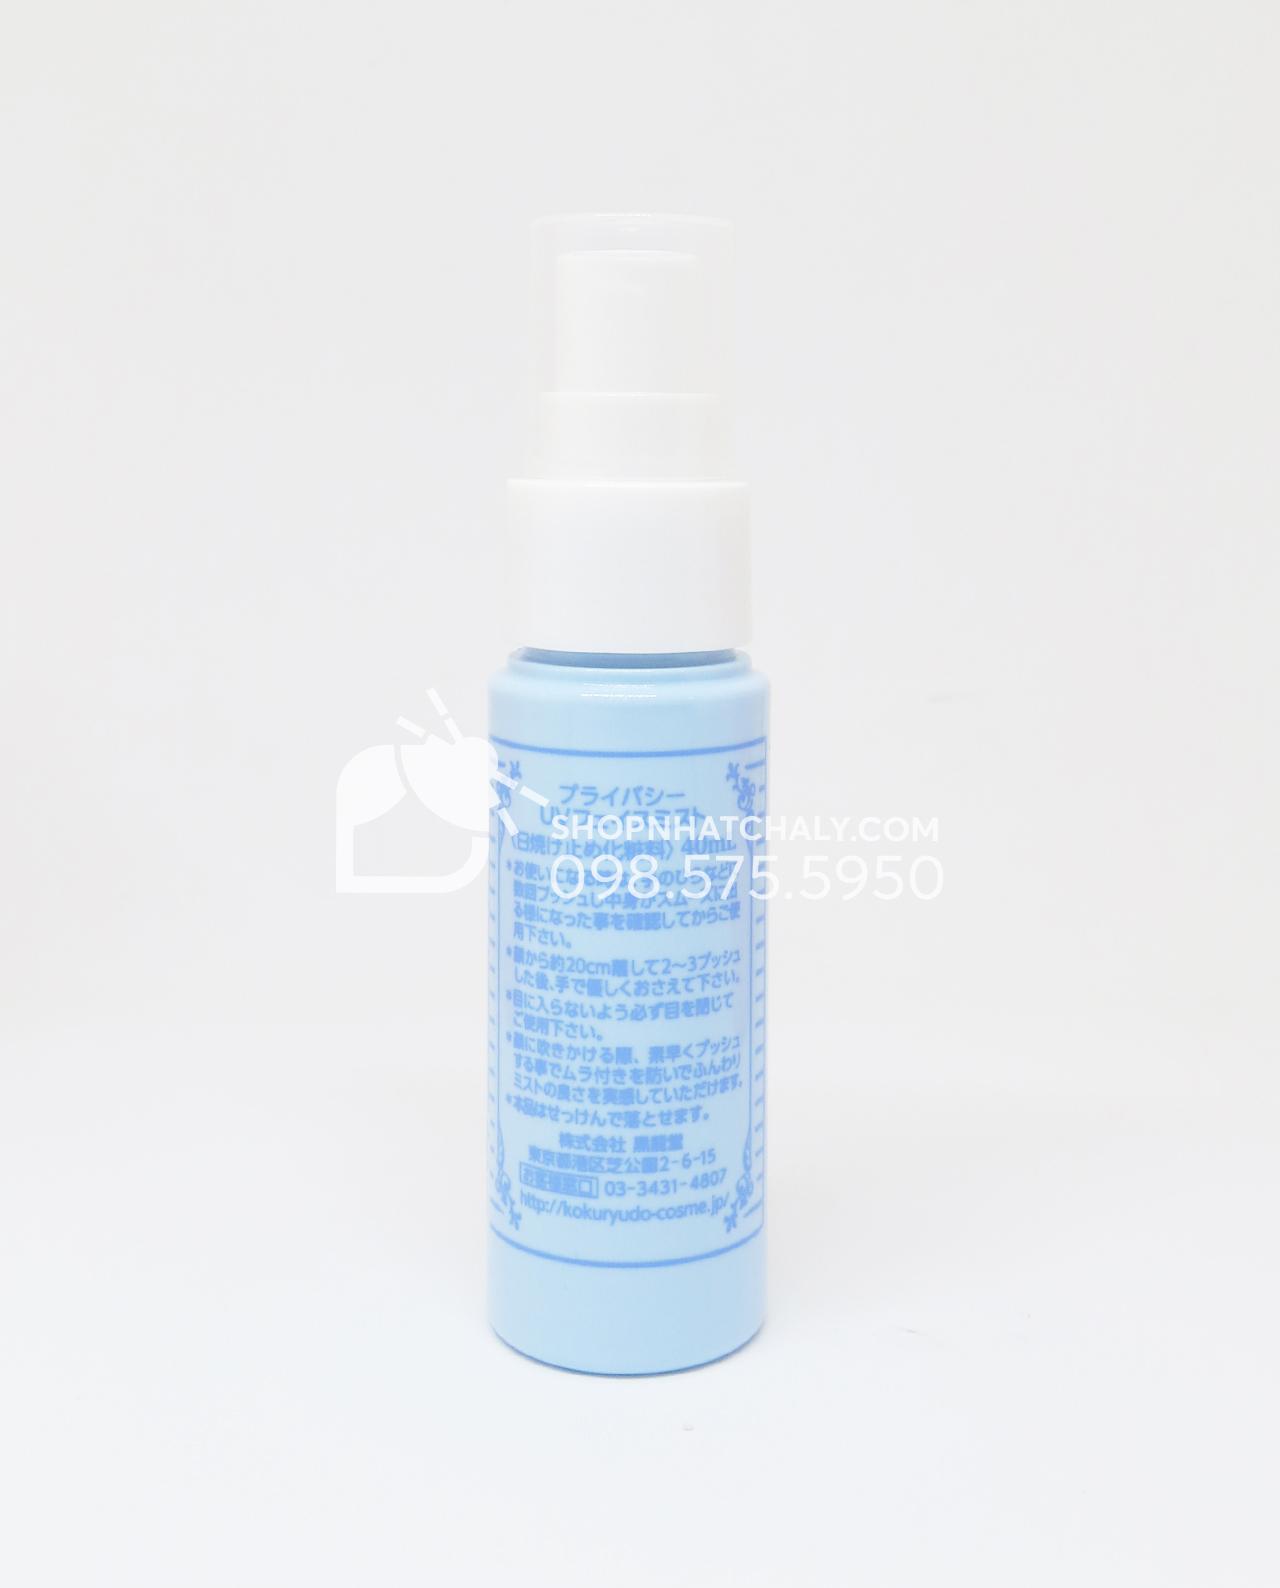 Thành phần, cách sử dụng... đều được in đầy đủ sau mỗi chai Kem chống nắng dạng xịt cho da mặt và body Privacy UV Face Mist SPF50